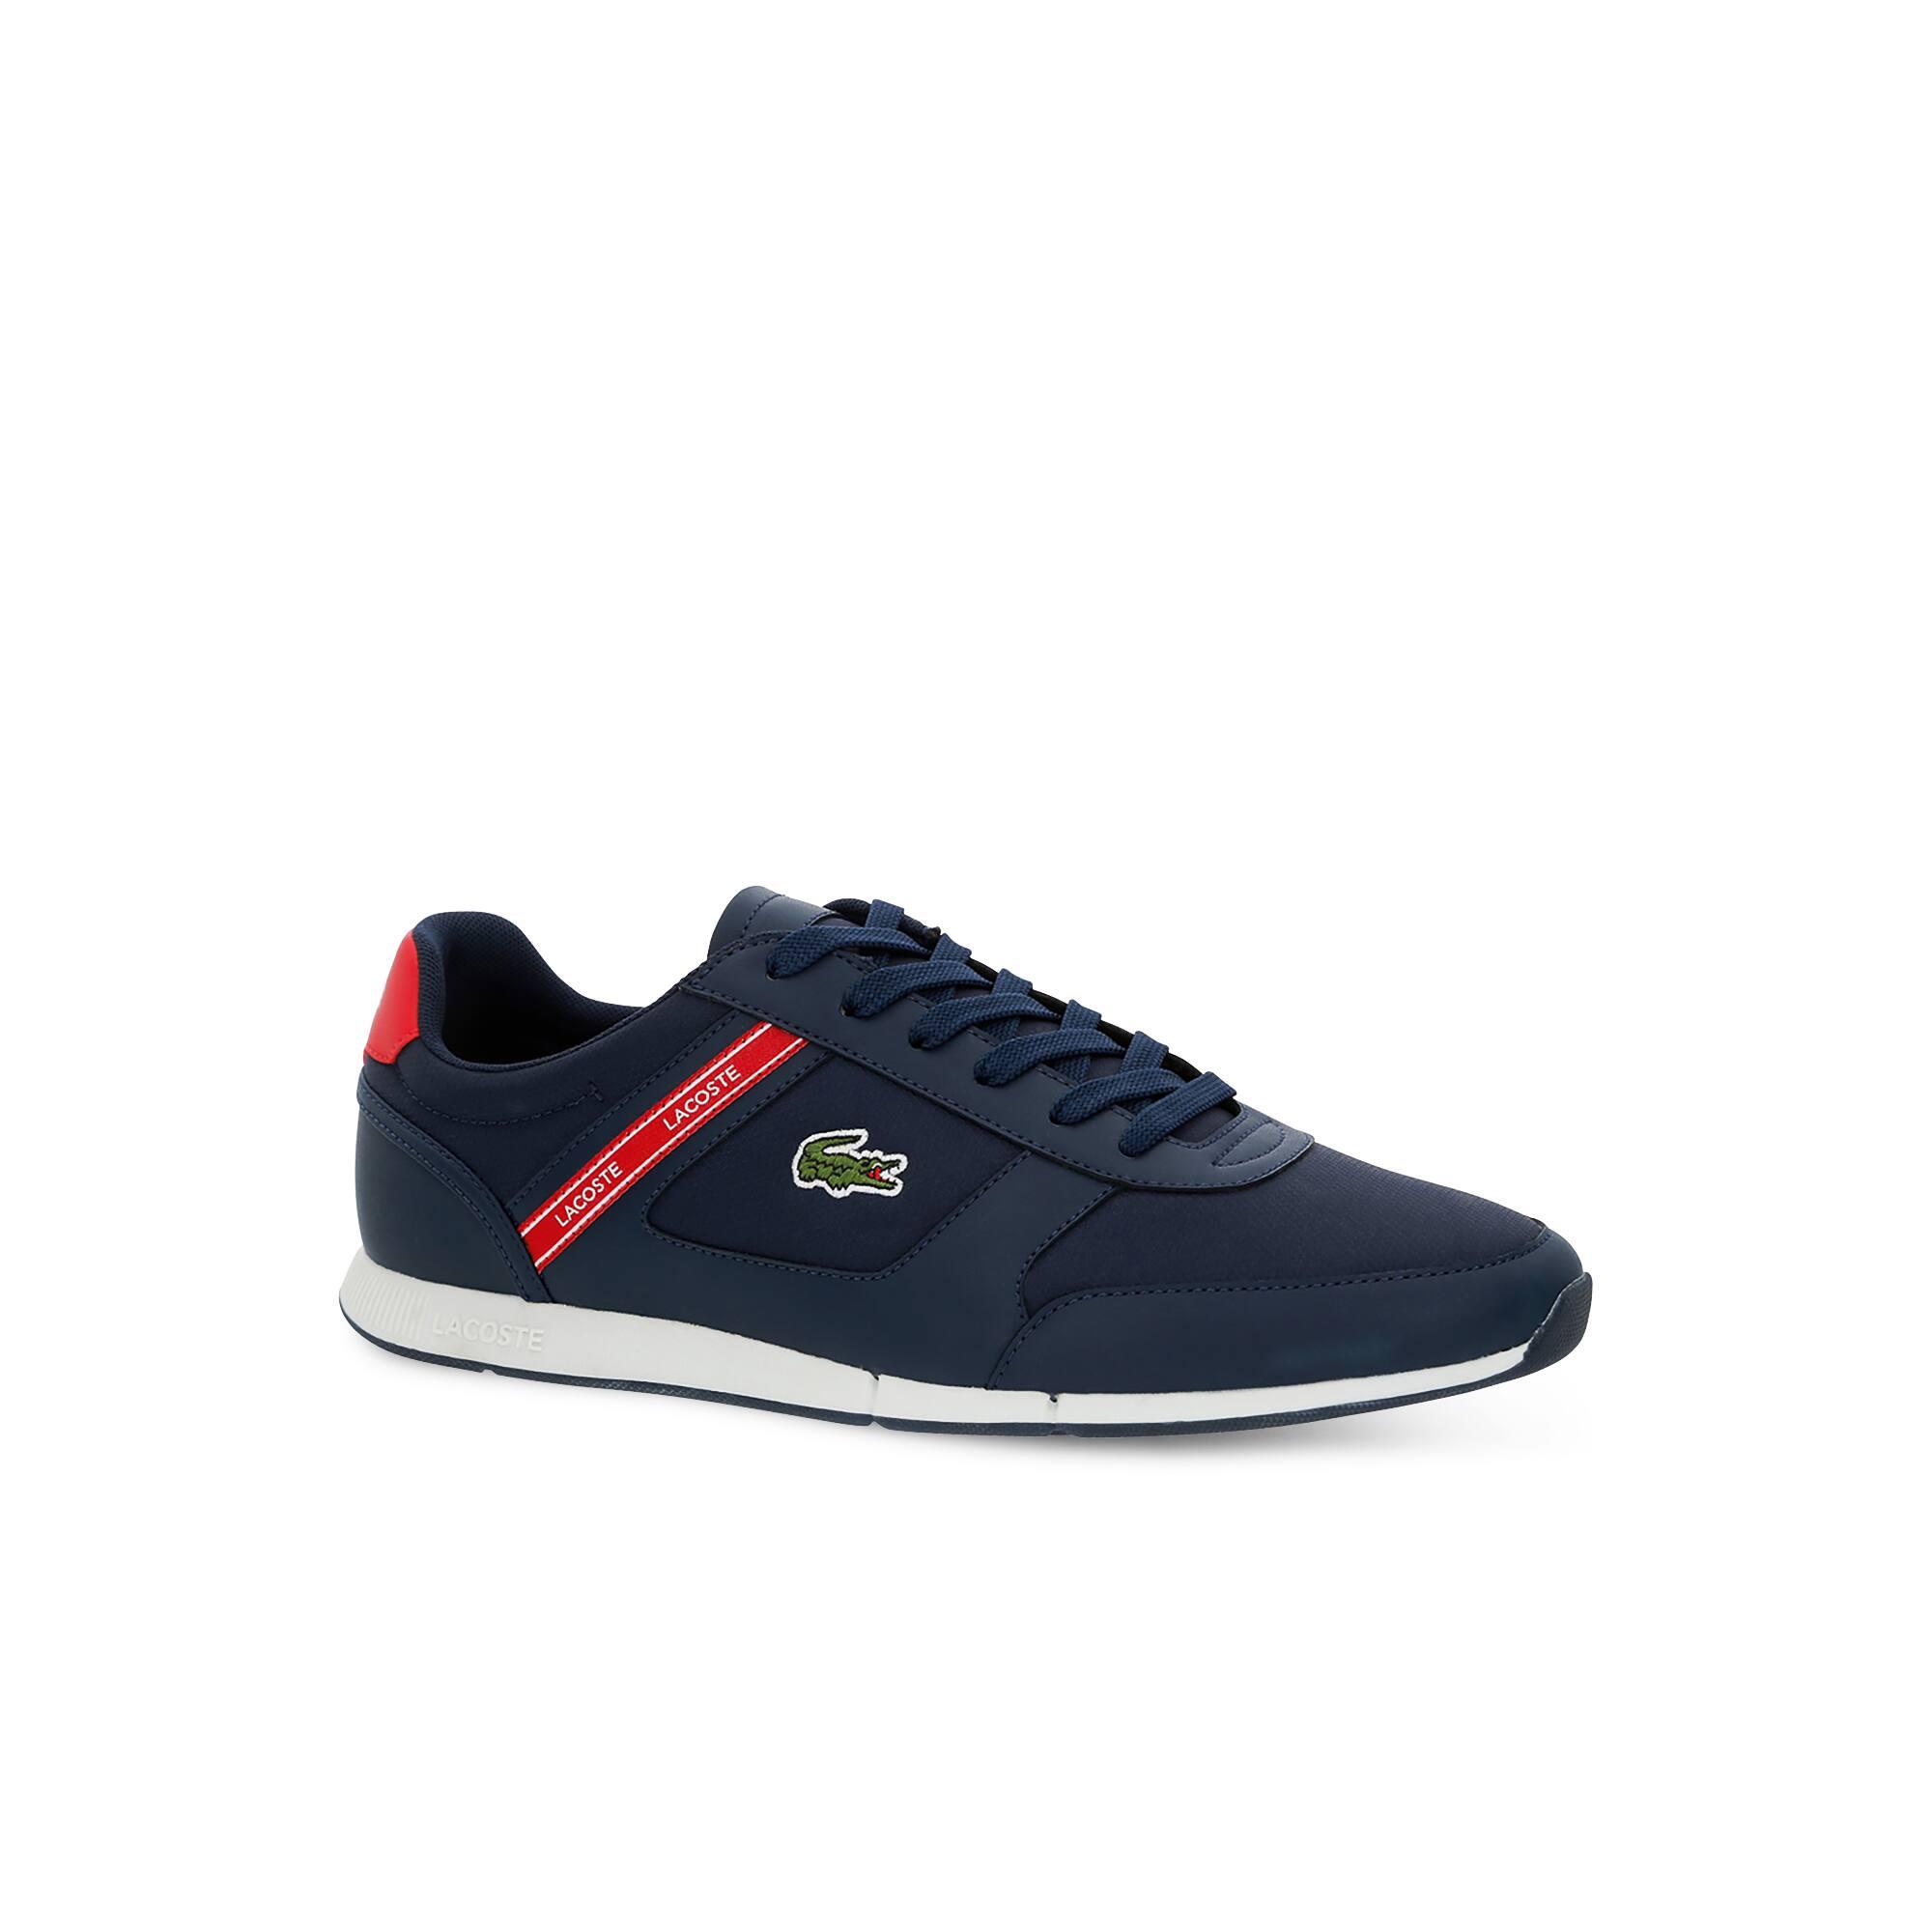 2b9d801738 Zapatillas para hombre | Calzado para hombre | LACOSTE